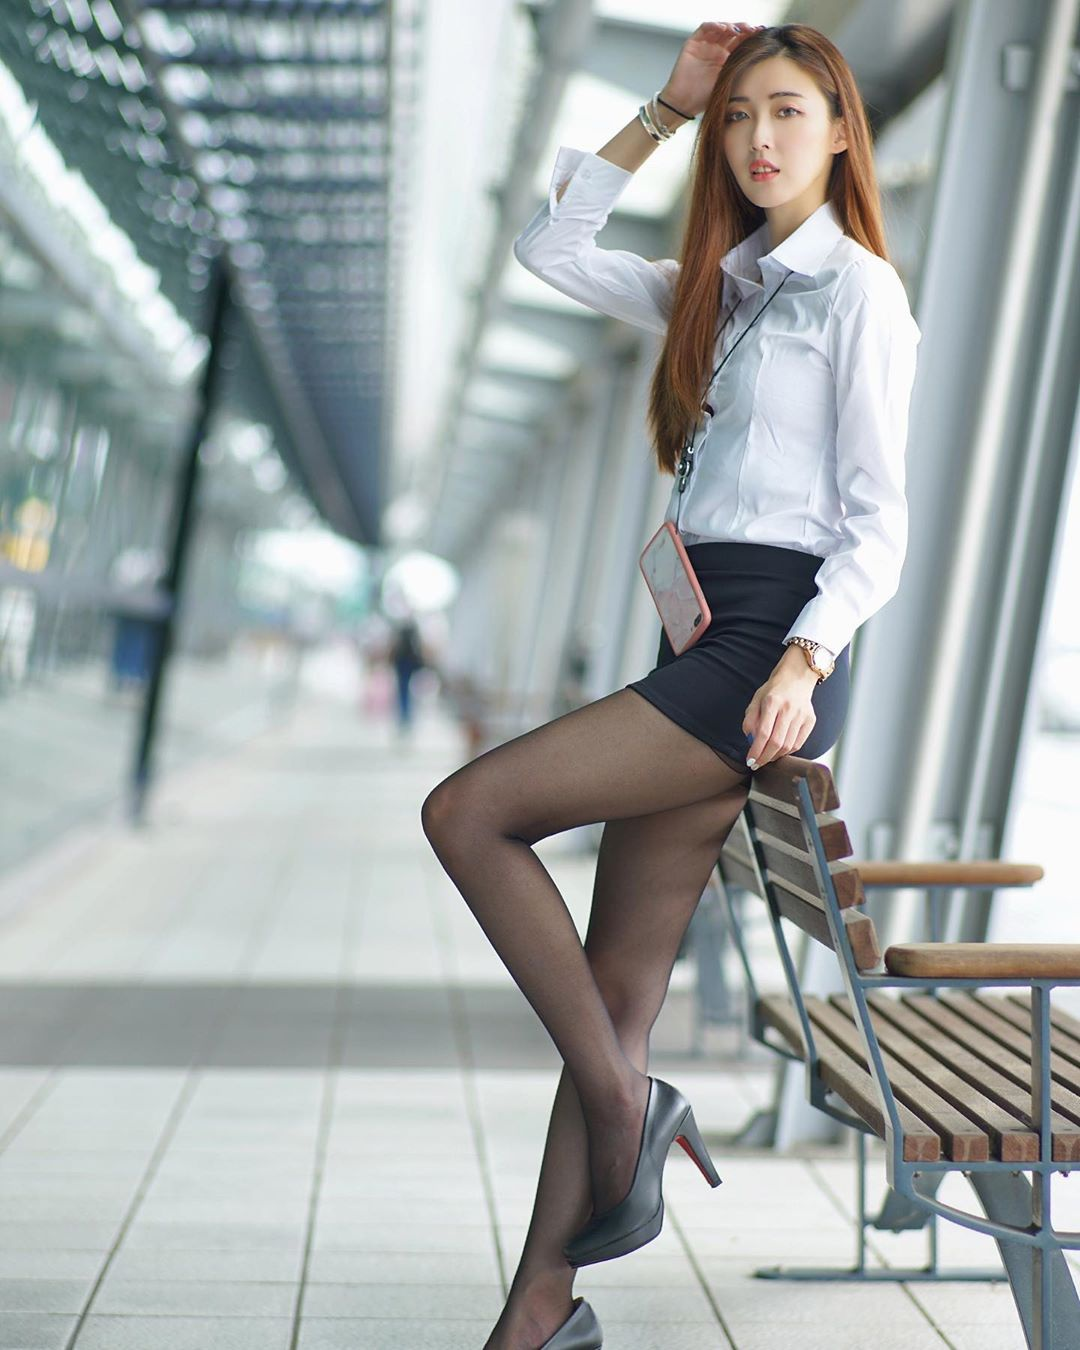 职业套装黑丝高跟鞋,冷艳高贵!